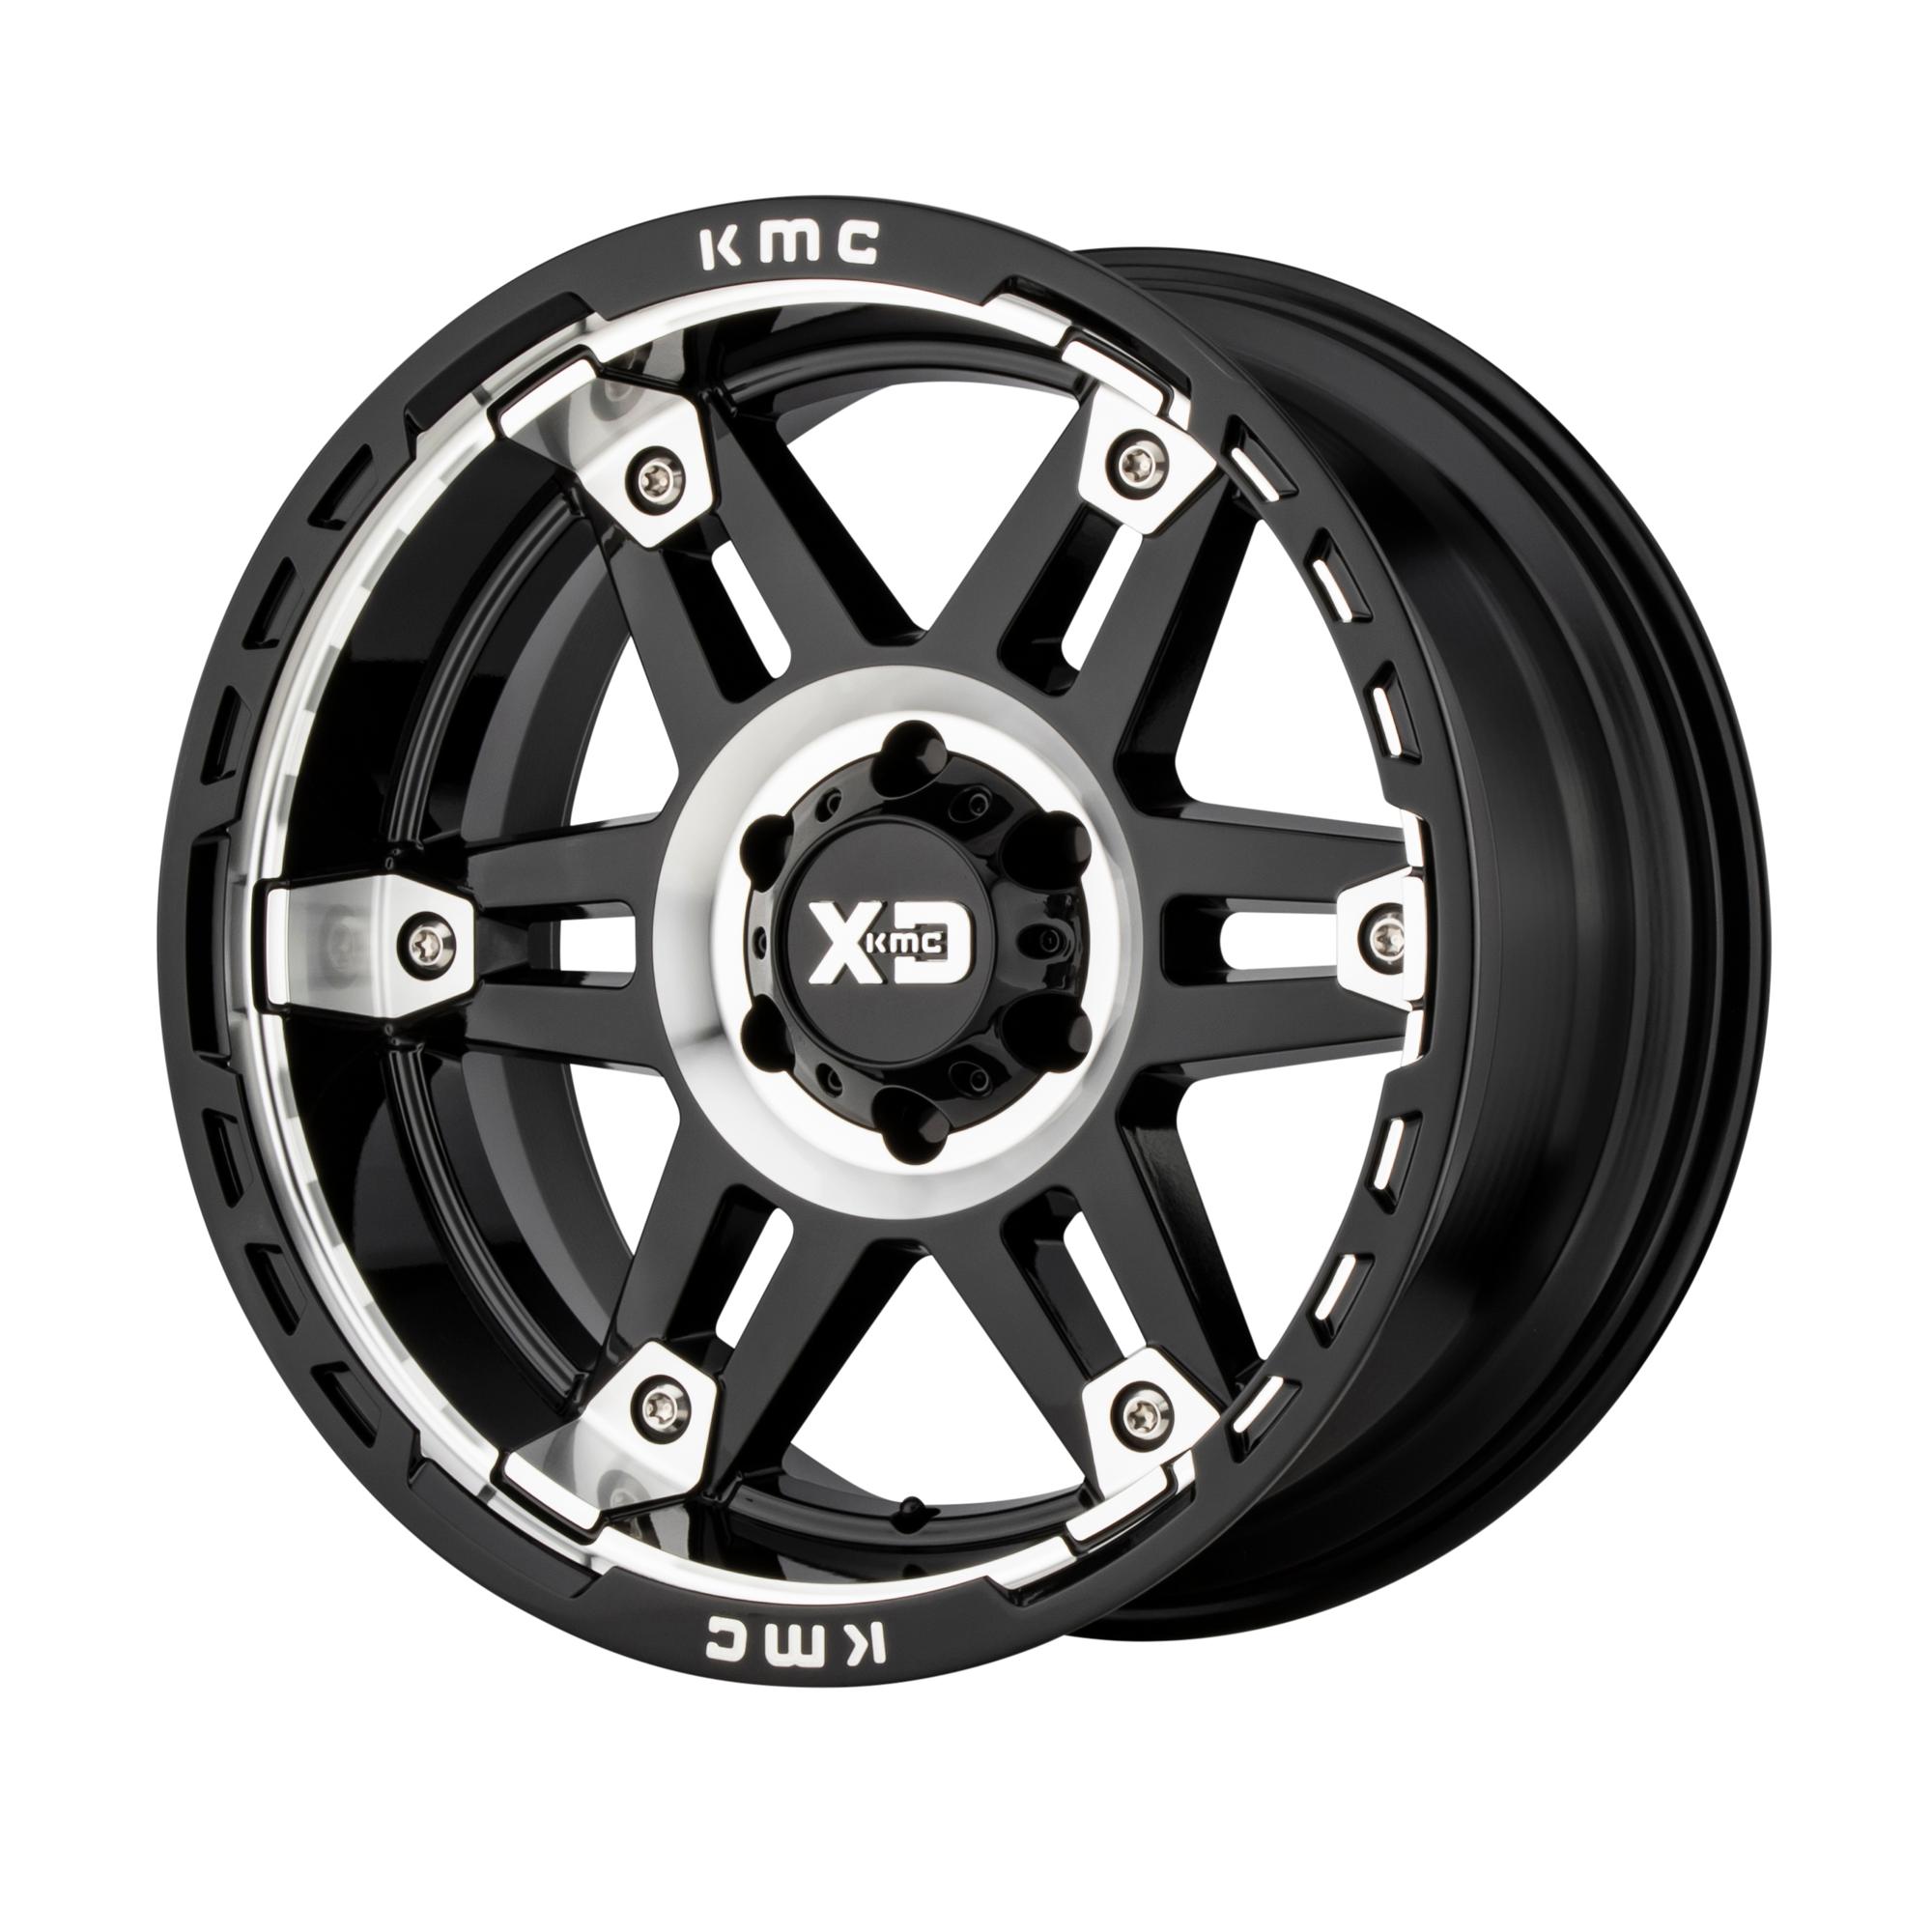 XD SERIES XD840 SPY II hliníkové disky 8x17 6x135 ET18 Gloss Black Machined